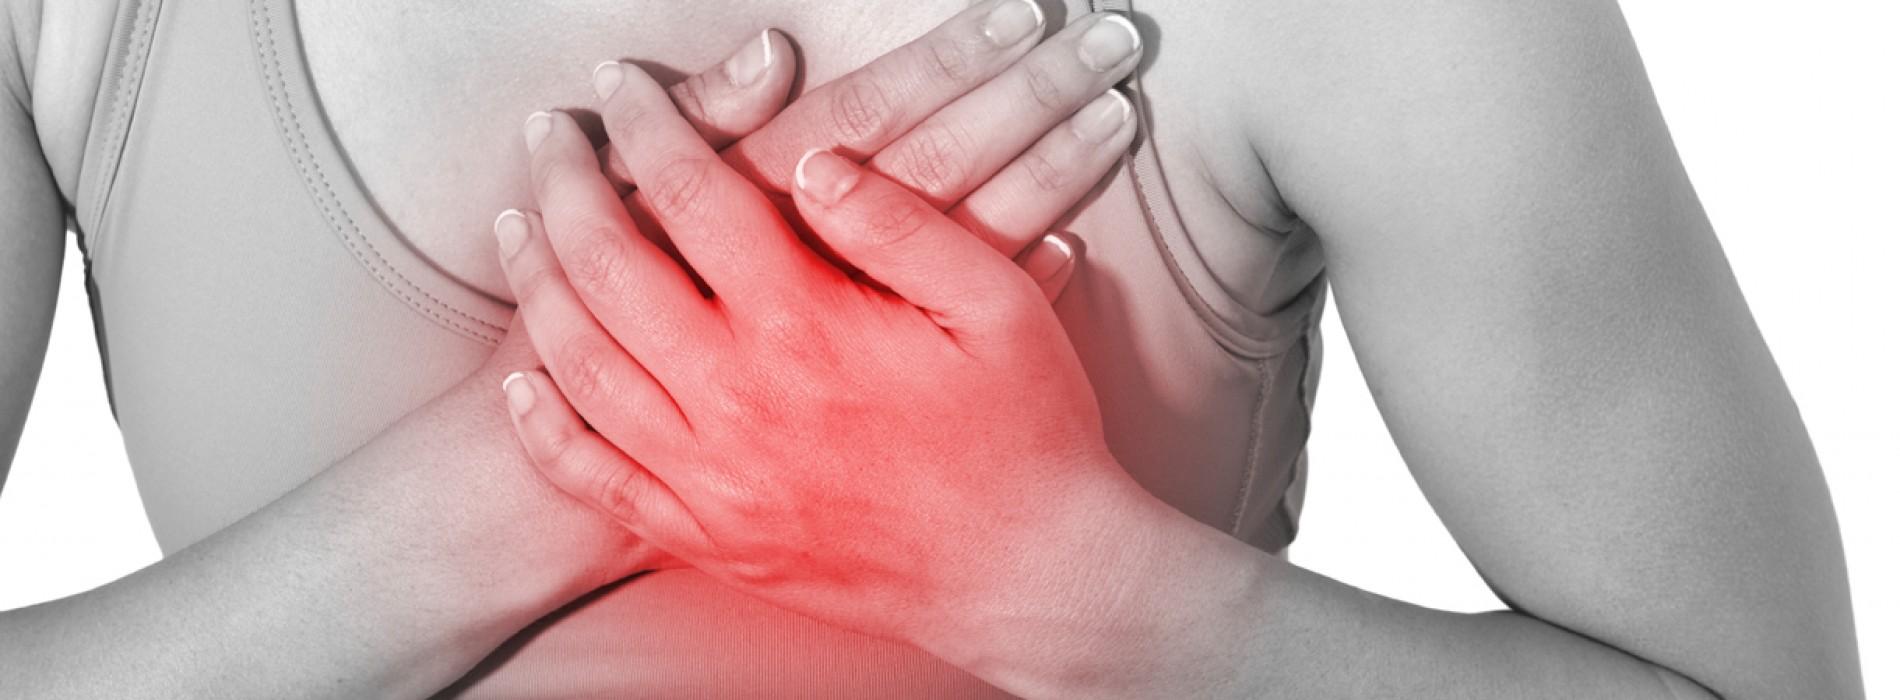 klachten hartinfarct vrouw